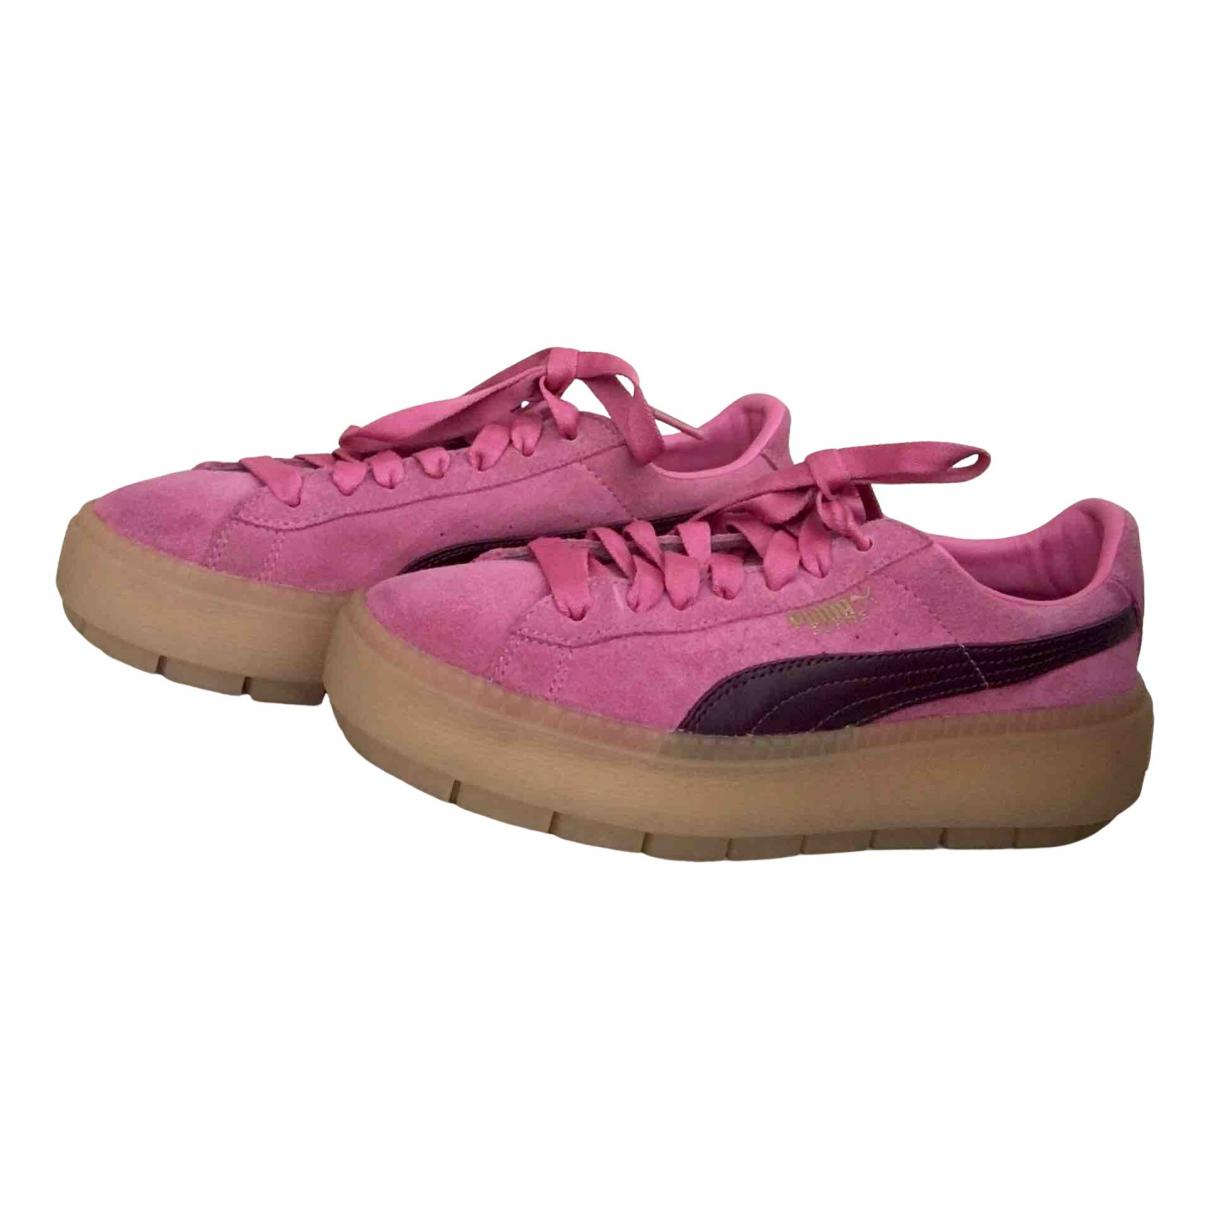 Puma - Baskets   pour femme en suede - rose